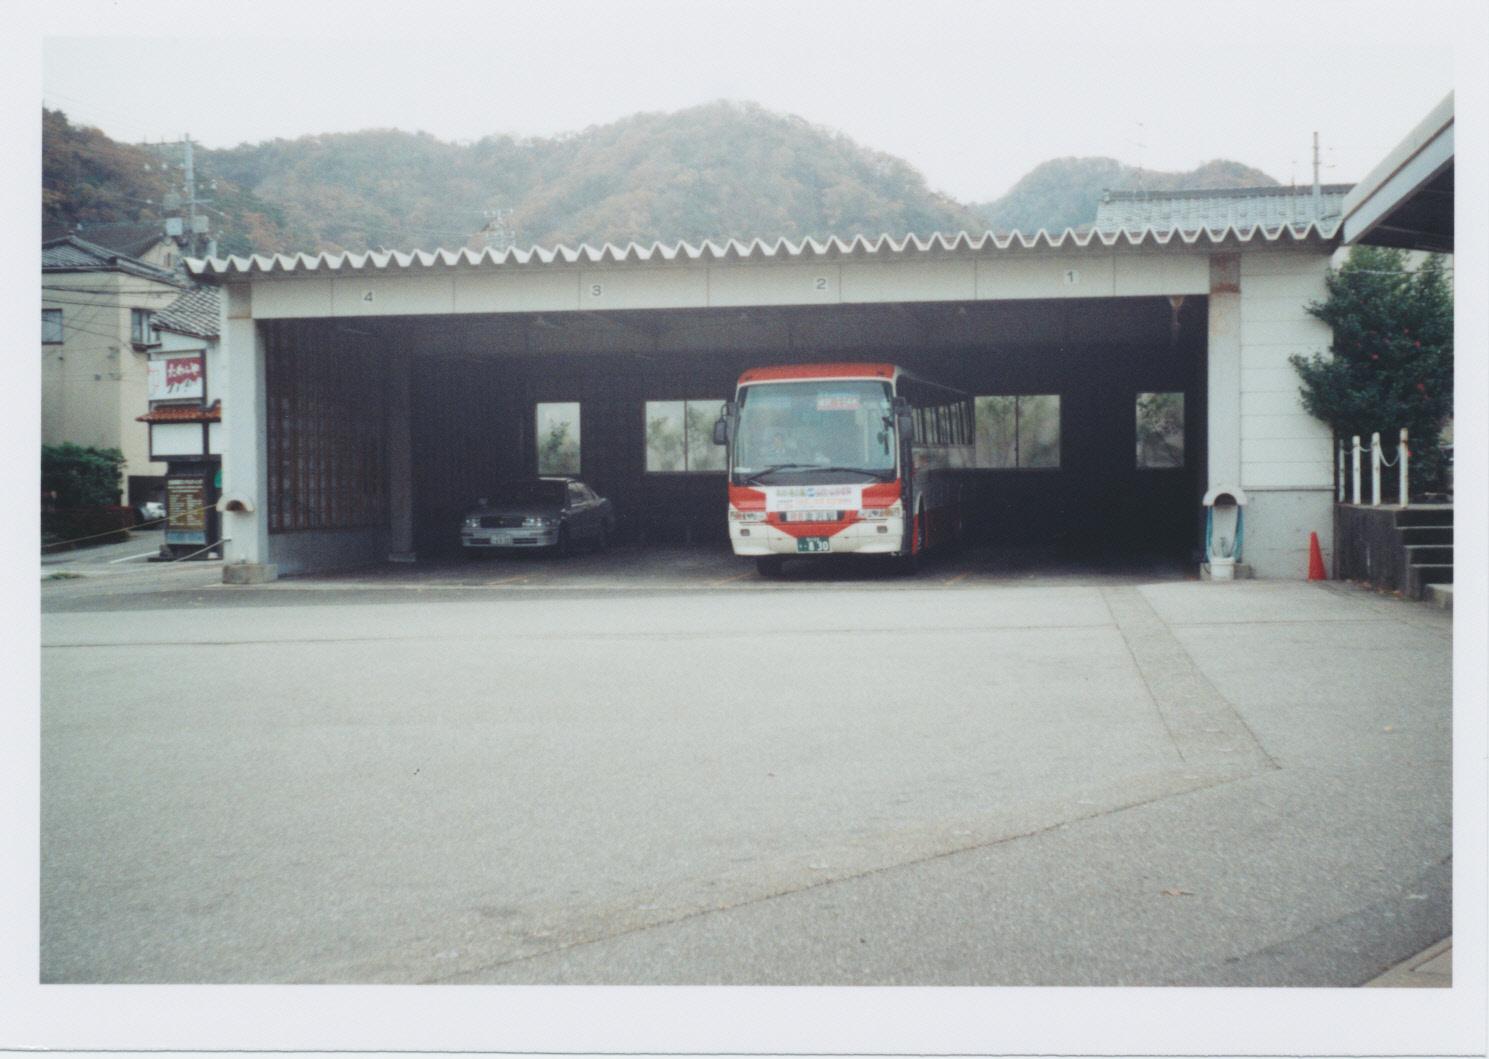 kenroku-en_バス停